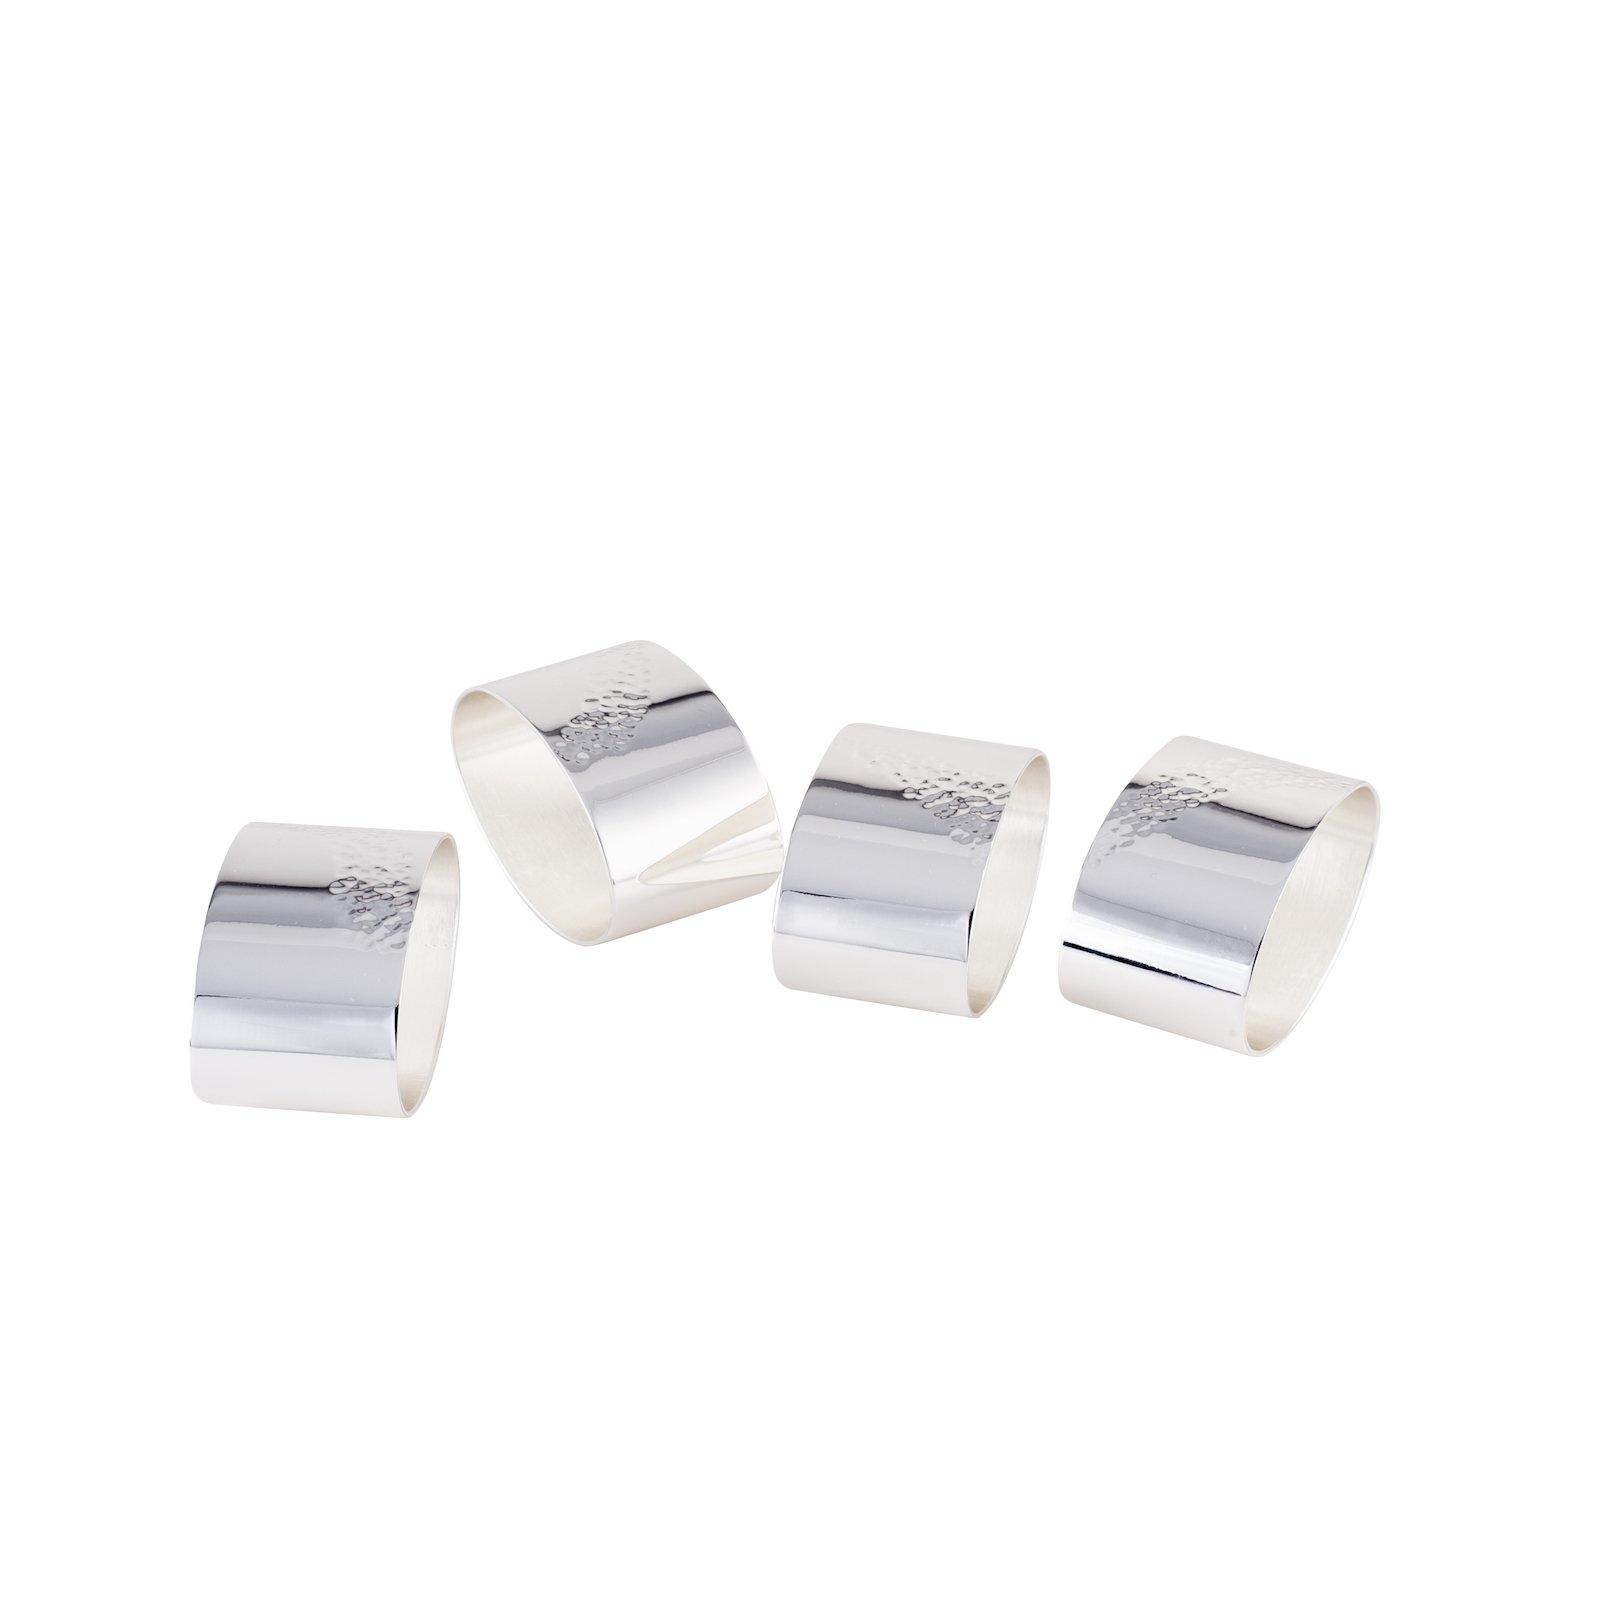 set-legatovaglioli-argento-zanetto